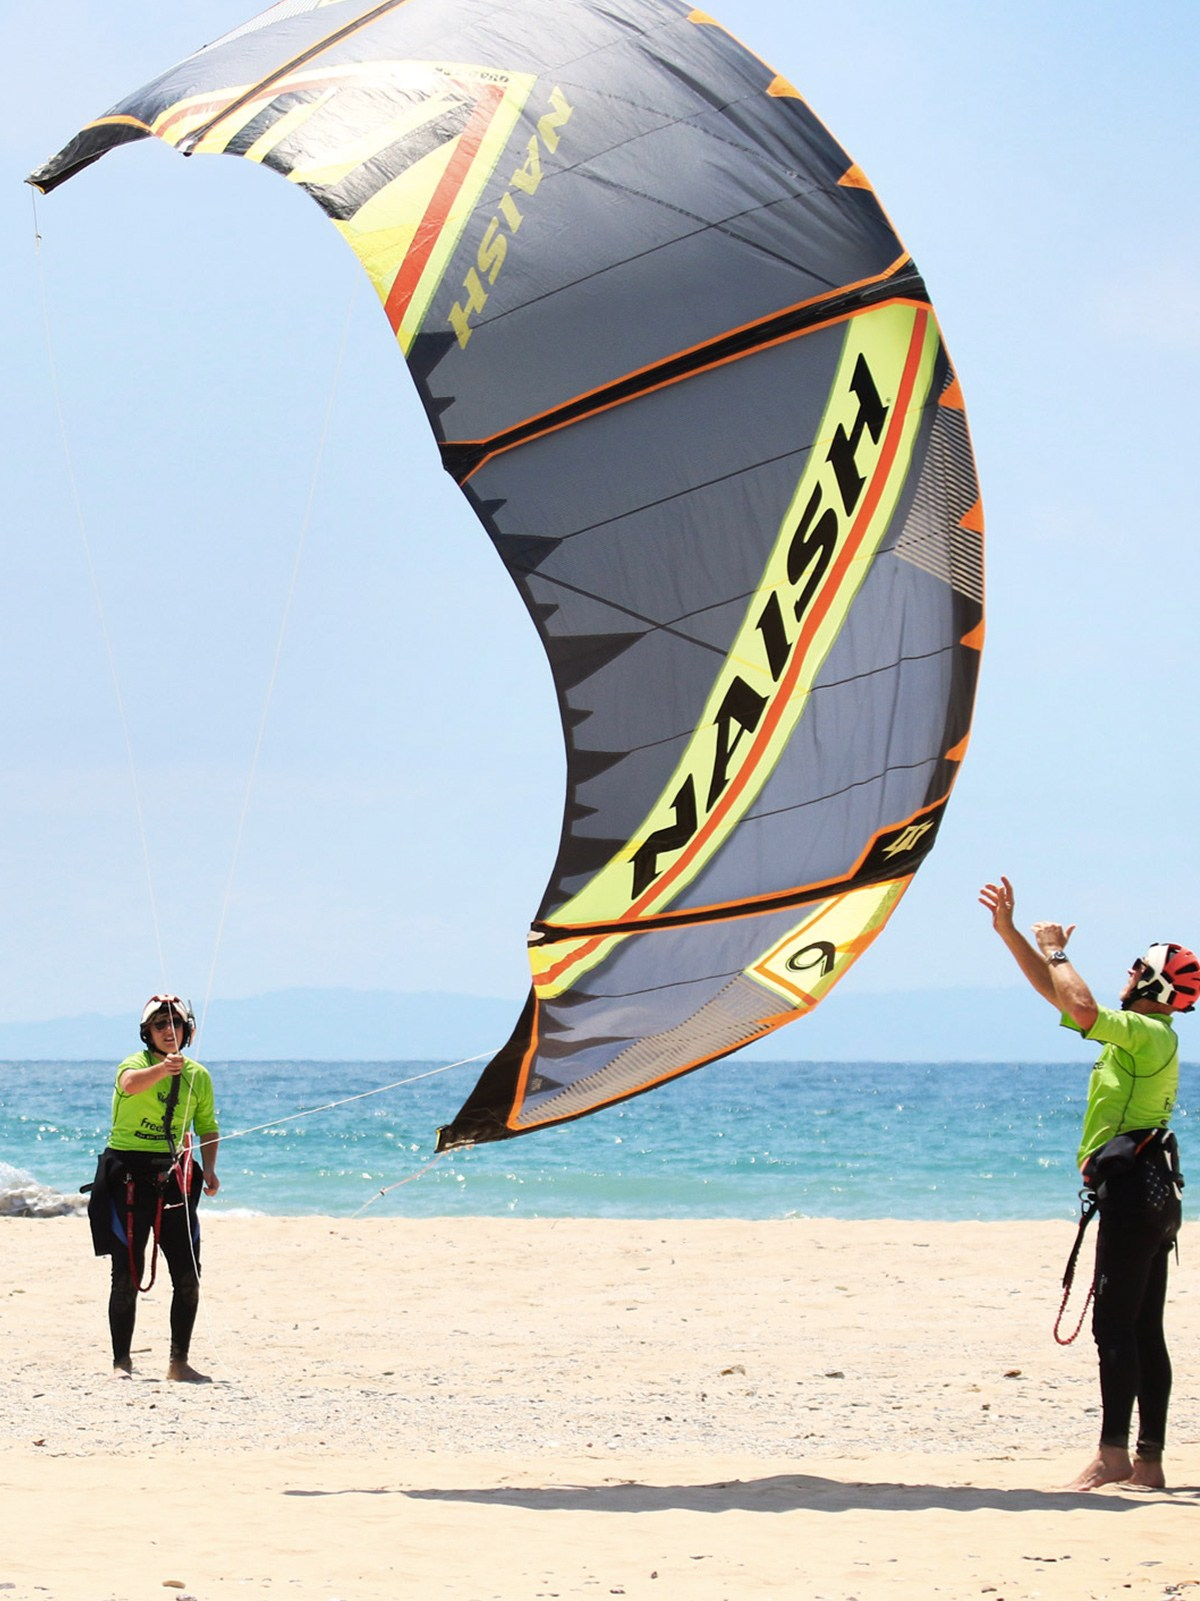 Tarifa, los lances norte, cours de kitesurf